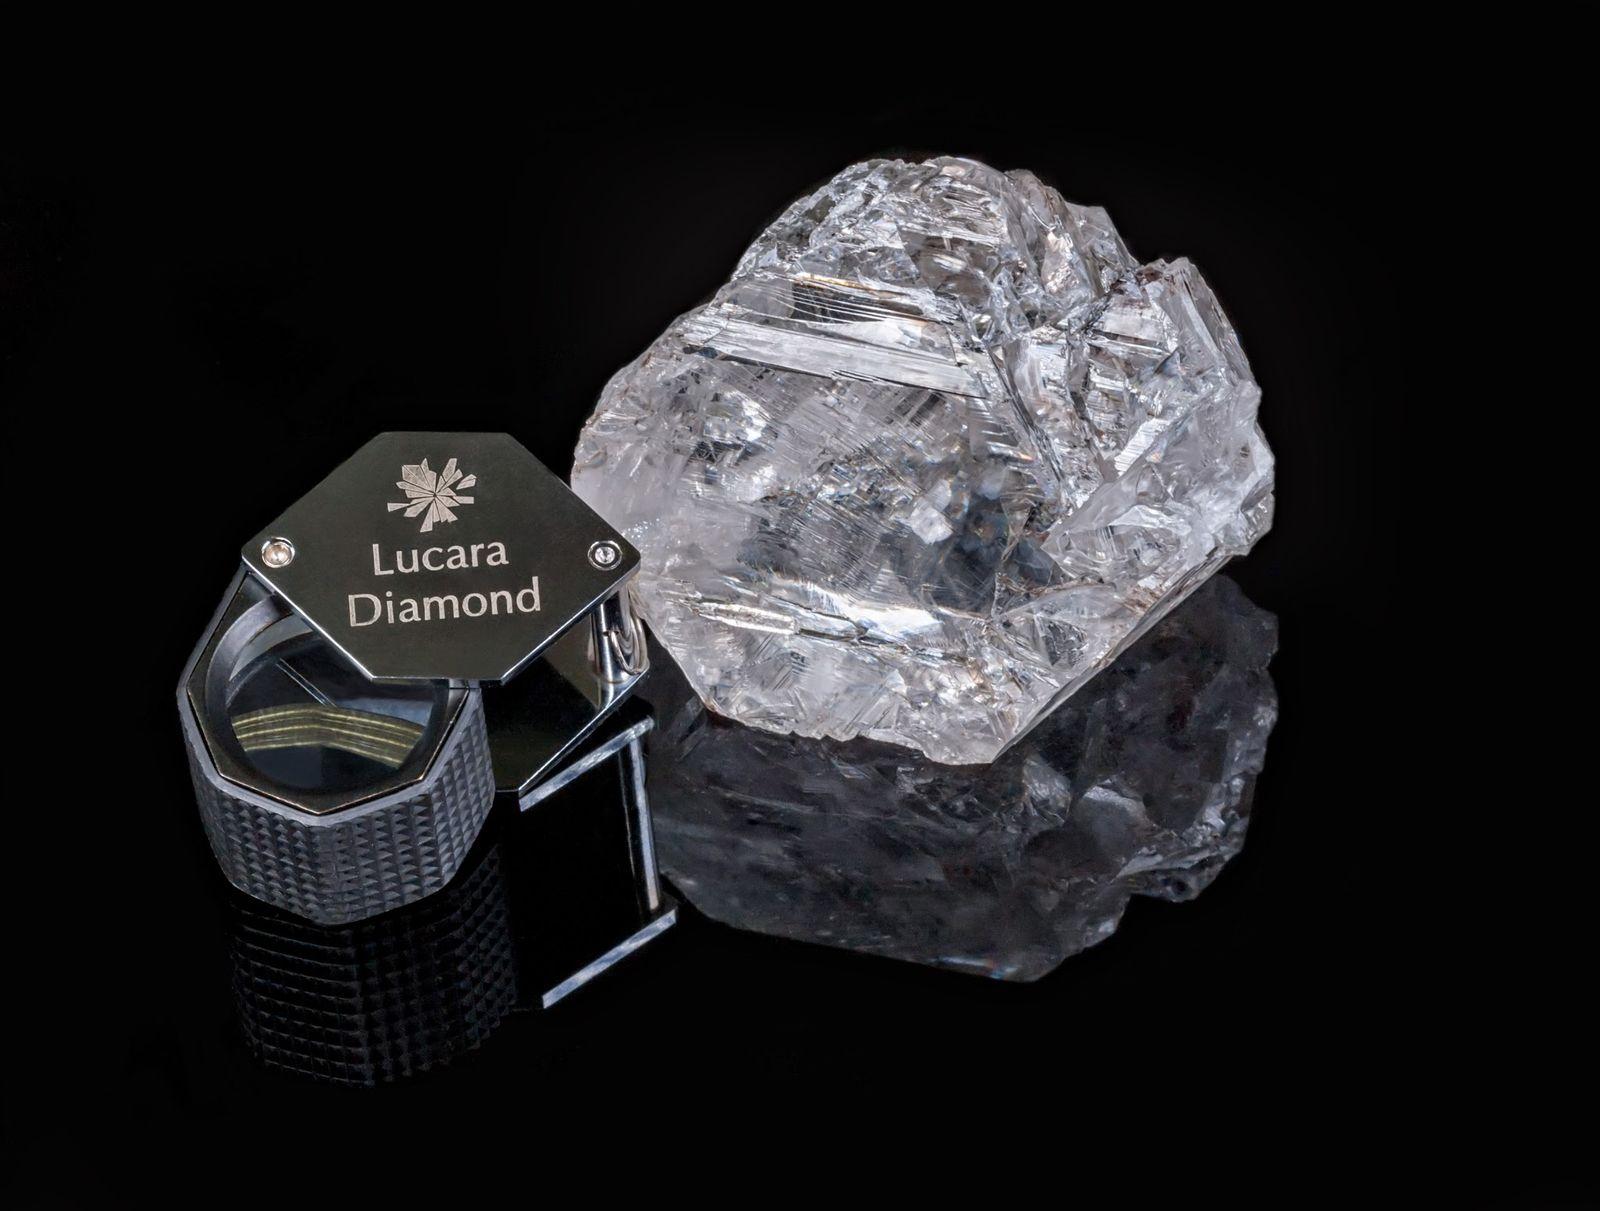 Lucara Diamond recovers 1,111 carat diamond